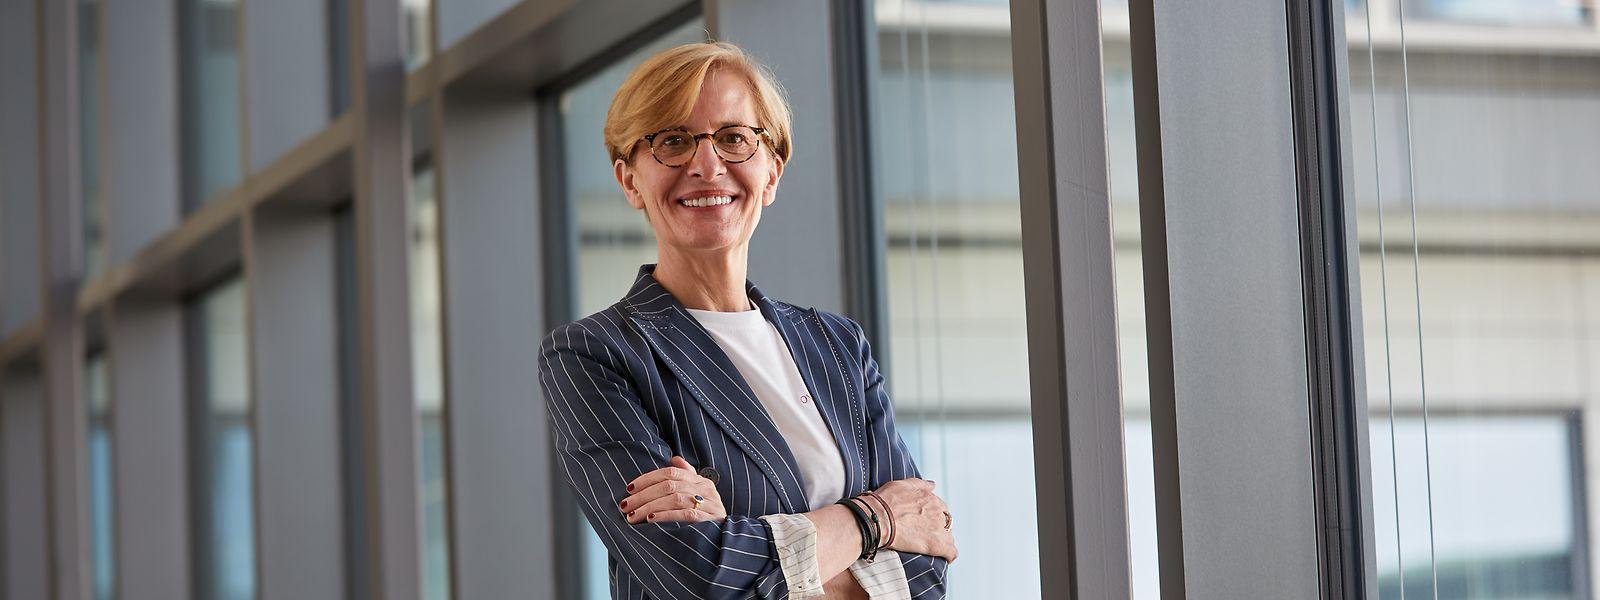 Christianne Wickler steht seit kurzem als erste Frau überhaupt an der Spitze der Cargolux.